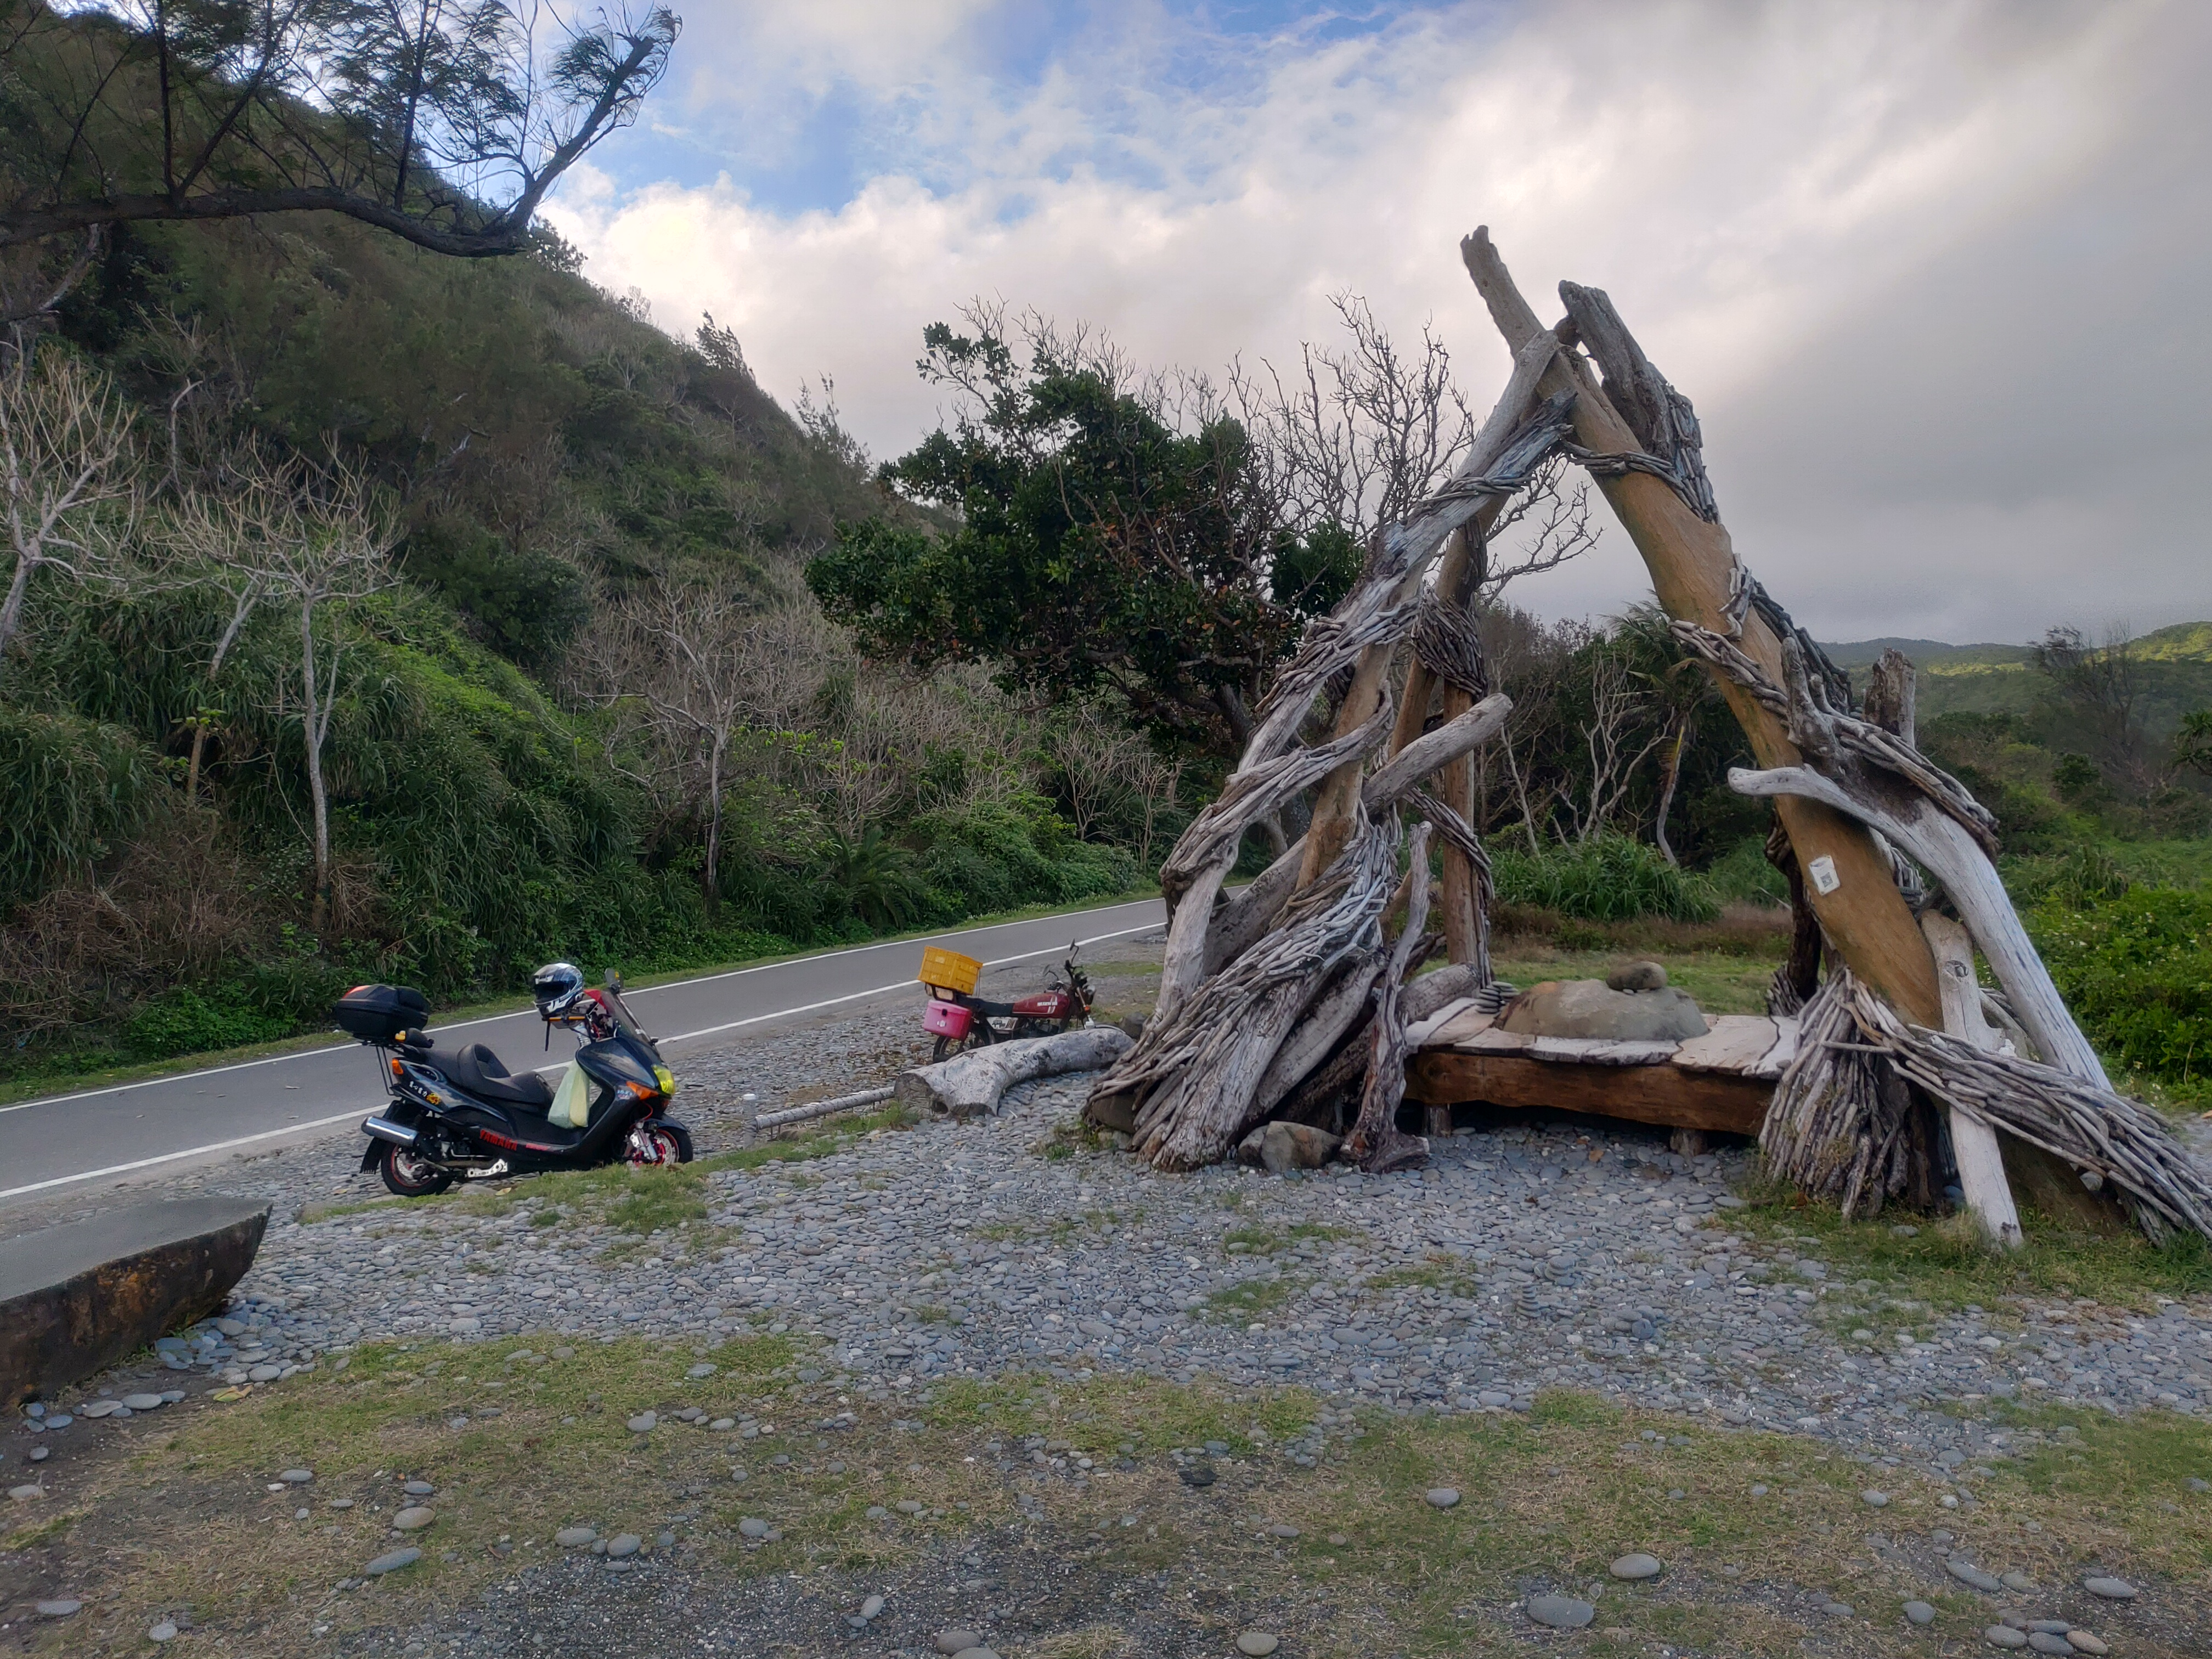 5th 走!去騎摩托車吧!六天五夜山海奇行環島之旅6410